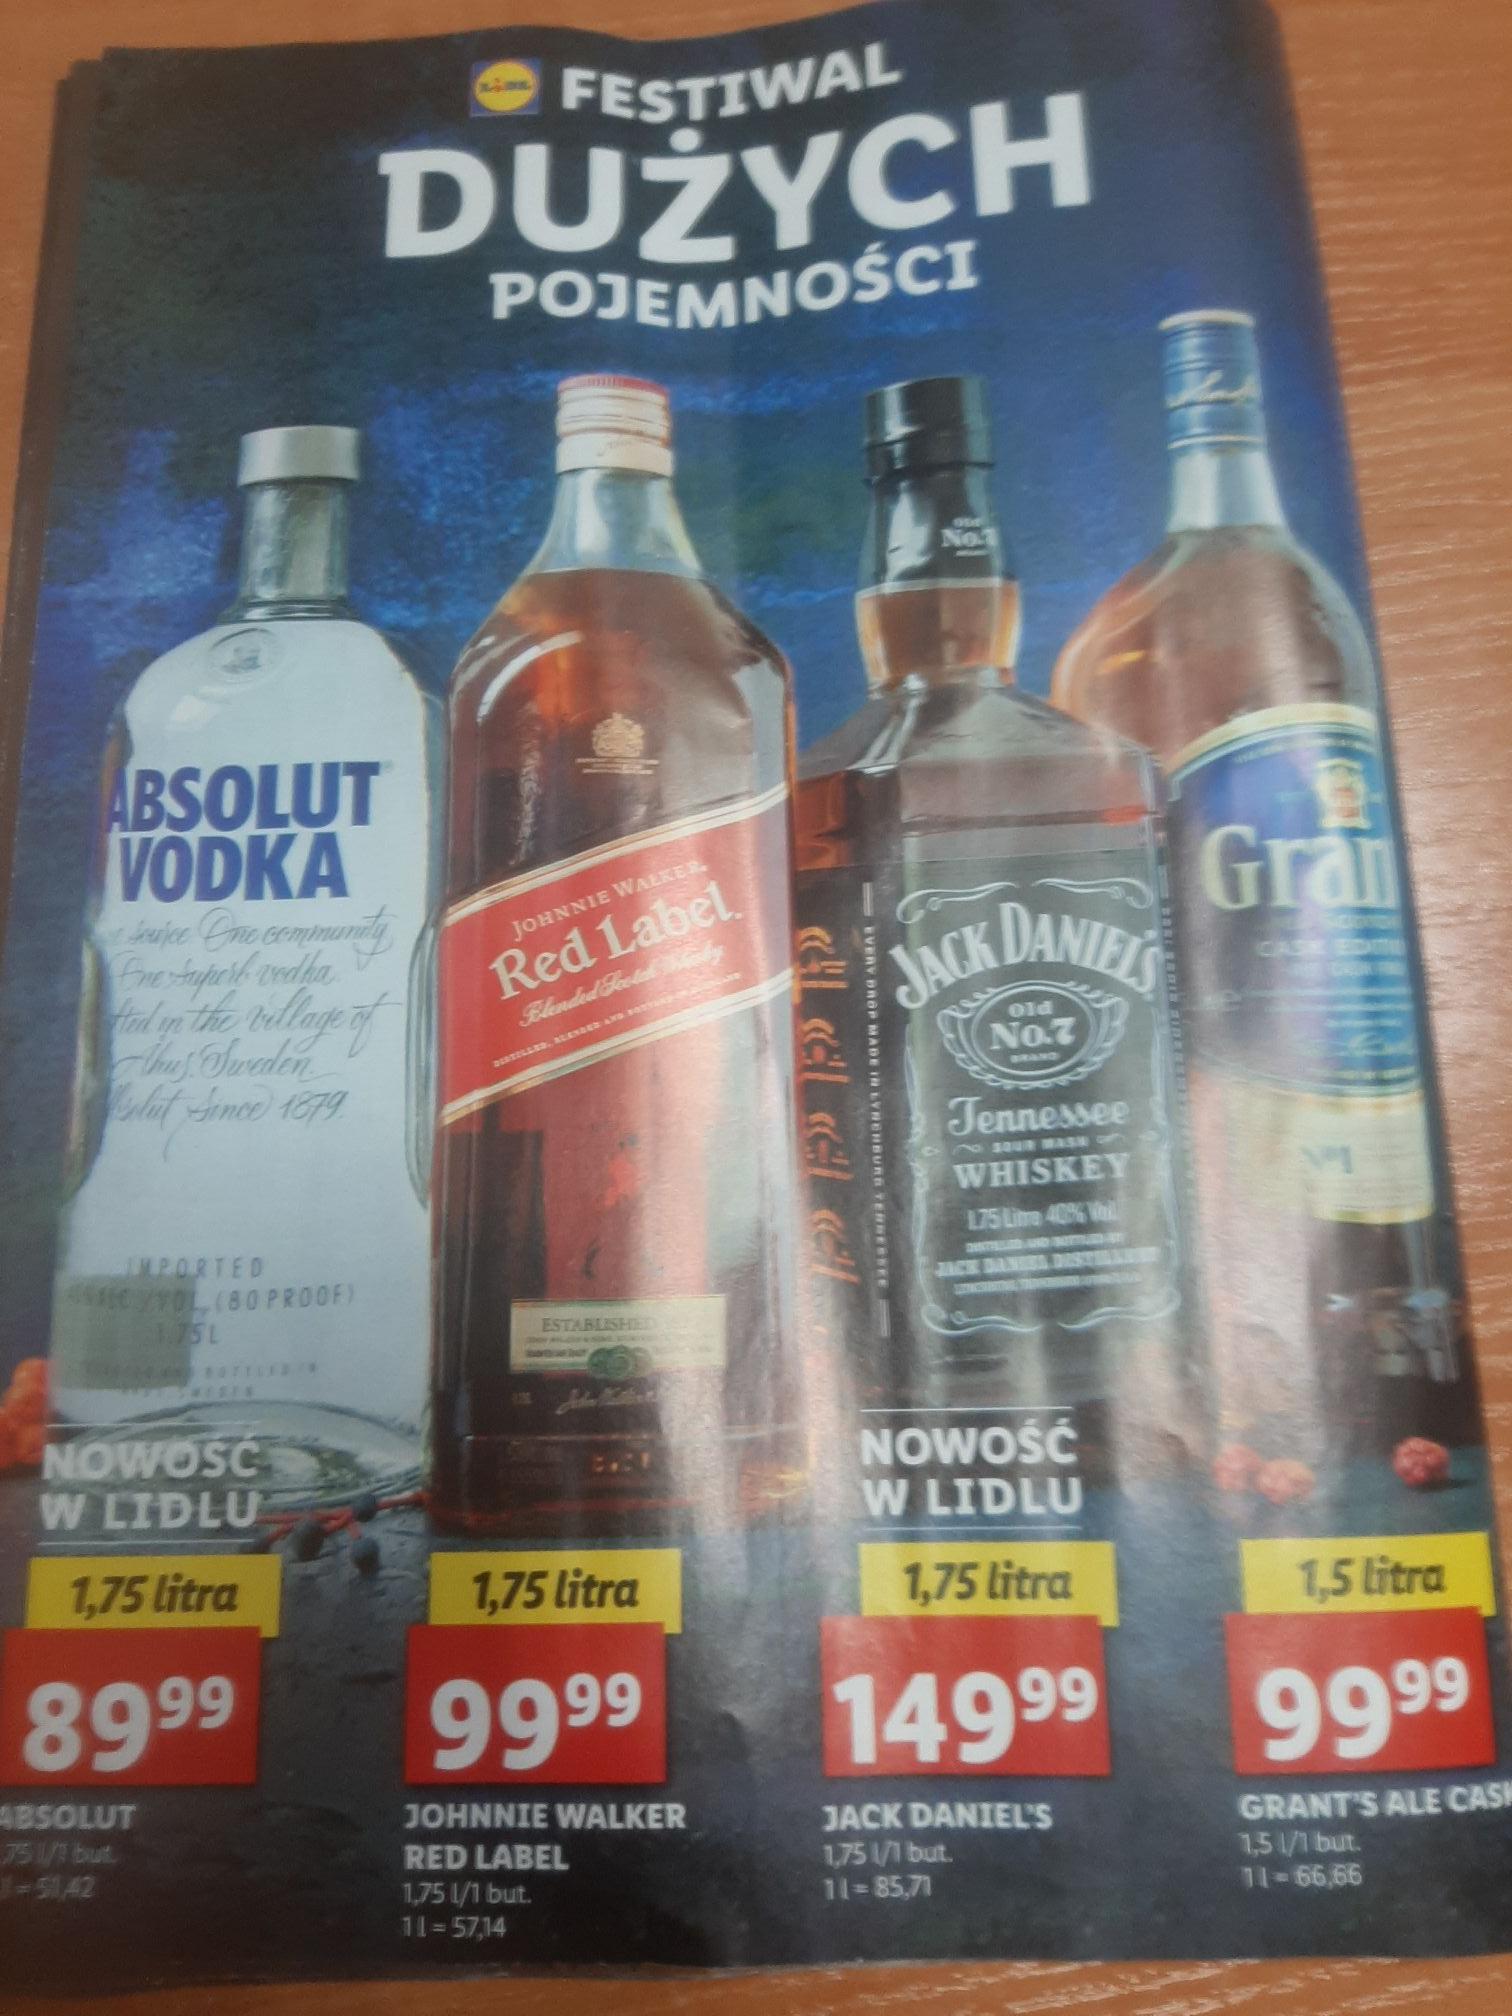 Katalog alkoholi mocnych - wódka, whisky, whiskey, likier, brandy - oferta zbiorcza LIDL, m. in. Jack Daniels 1,75l za 149,99 zł